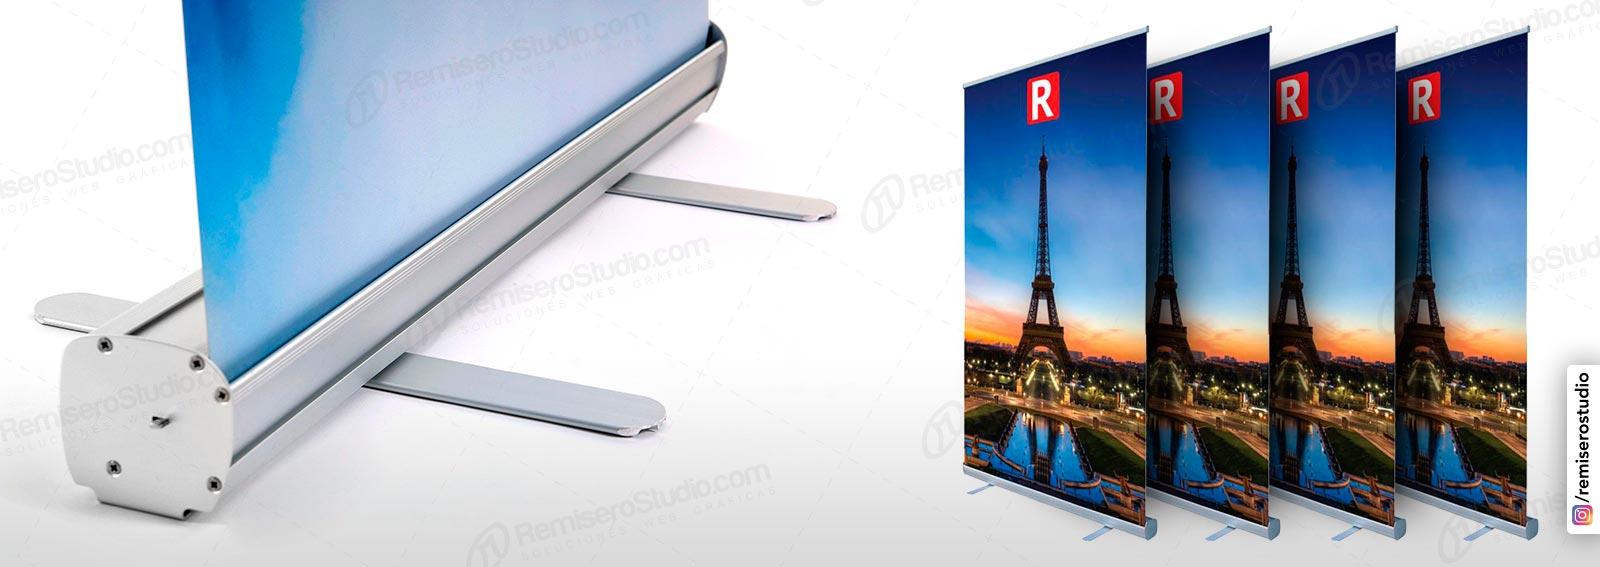 Roll Up banner o Roll Screen de 1.20 x 2.0 metros: Parante publicitario de aluminio para banner impreso a full color en alta resolución: 1440 dpi, incluye maletín